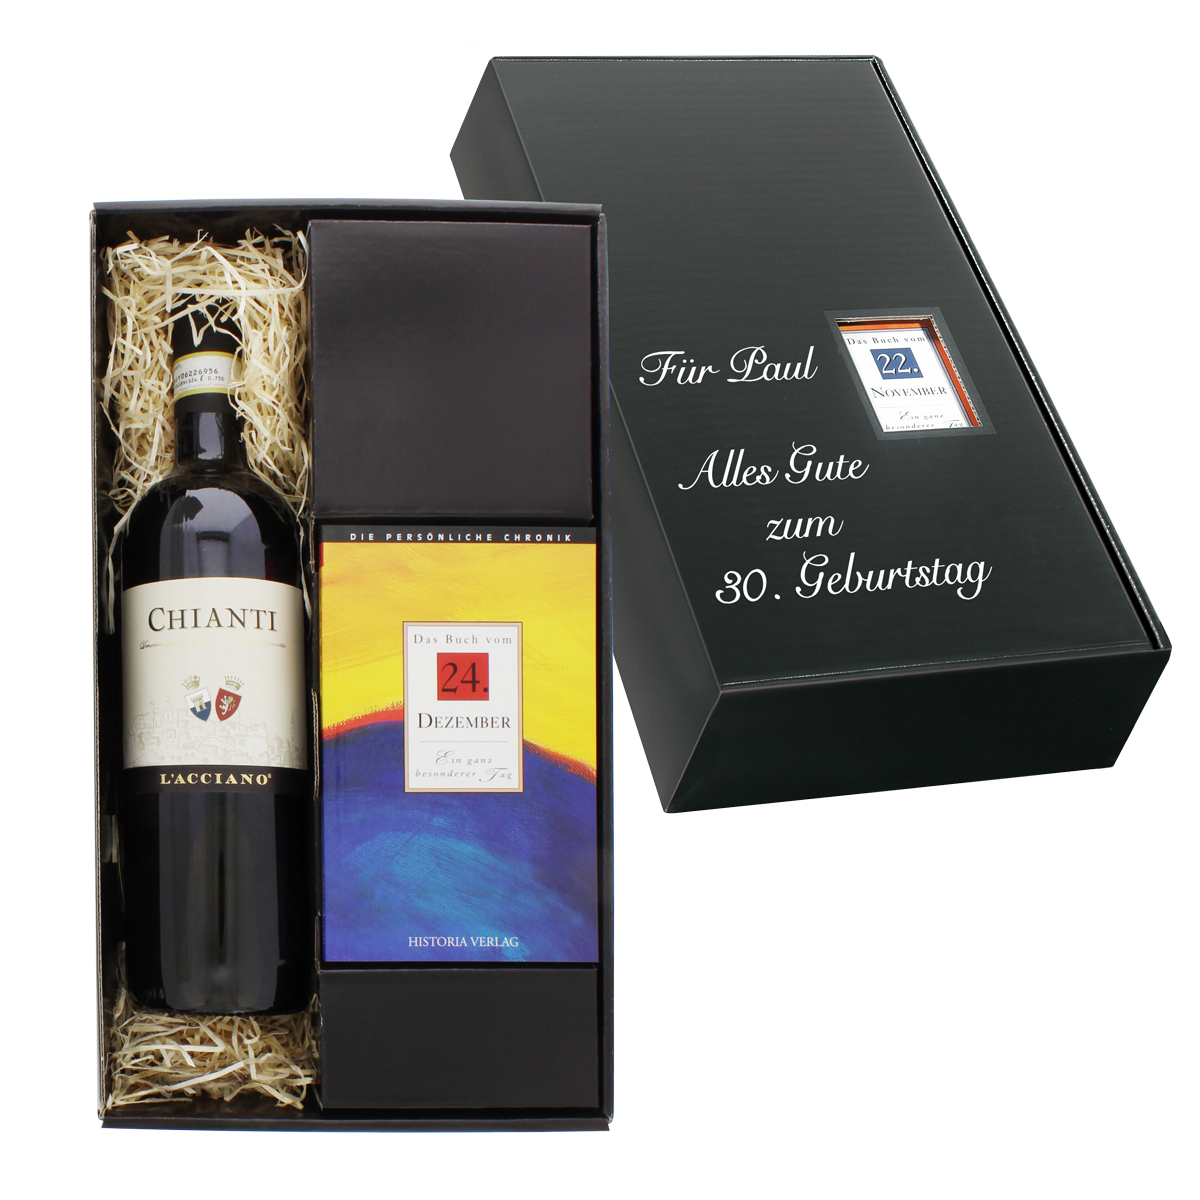 Italien-Set: Tageschronik vom 11. Mai & Chianti-Wein